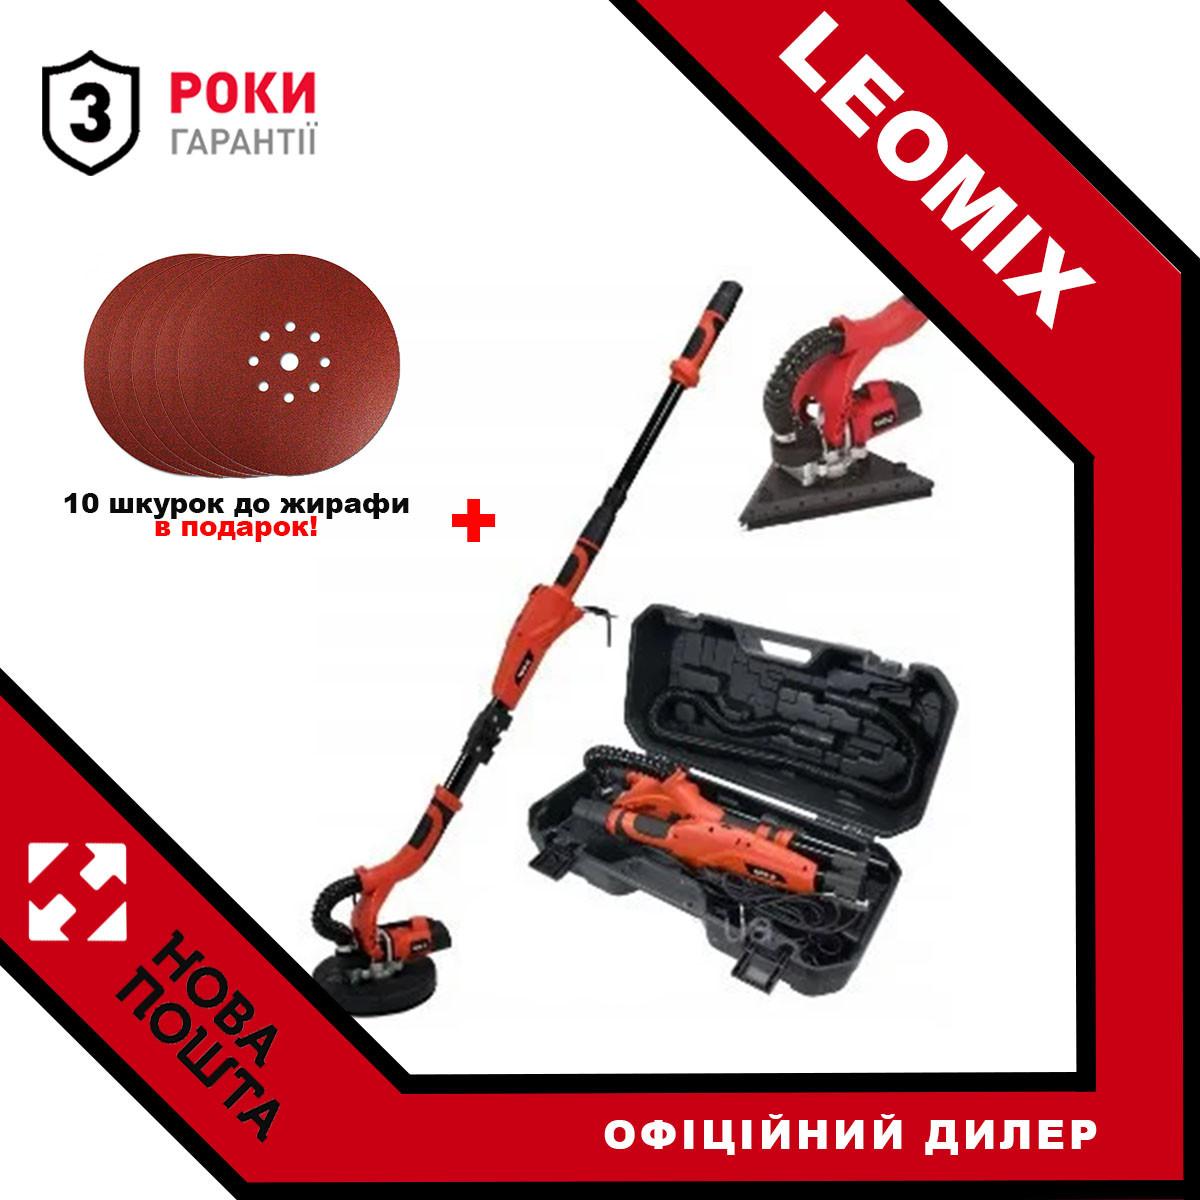 Шлифмашина для стен и потолков Leomix LS-225LT с угловой и круглой подошвой + в подарок 10 шкурок до жирафи!